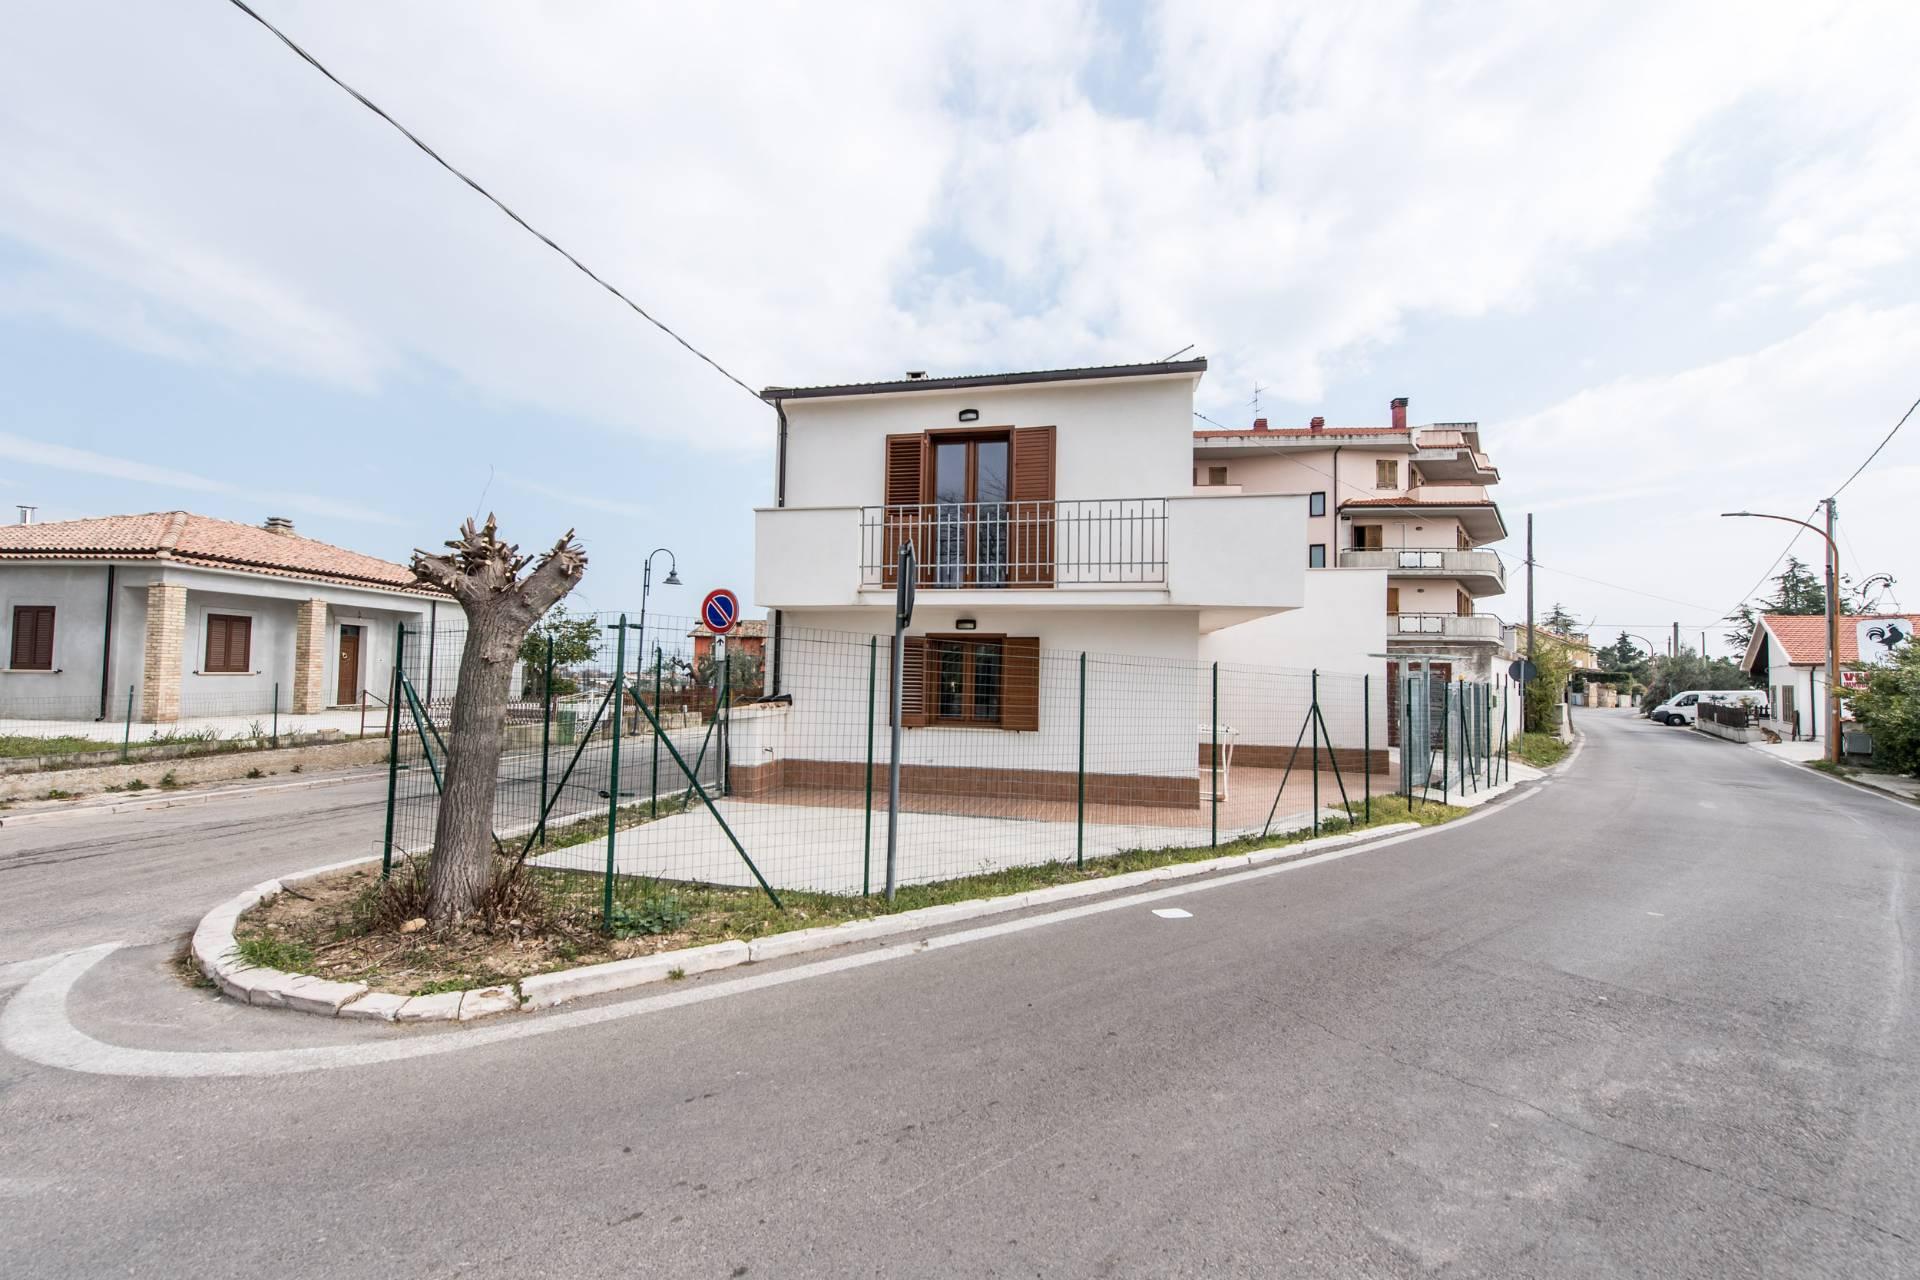 Soluzione Indipendente in vendita a Torrevecchia Teatina, 6 locali, prezzo € 145.000 | Cambio Casa.it